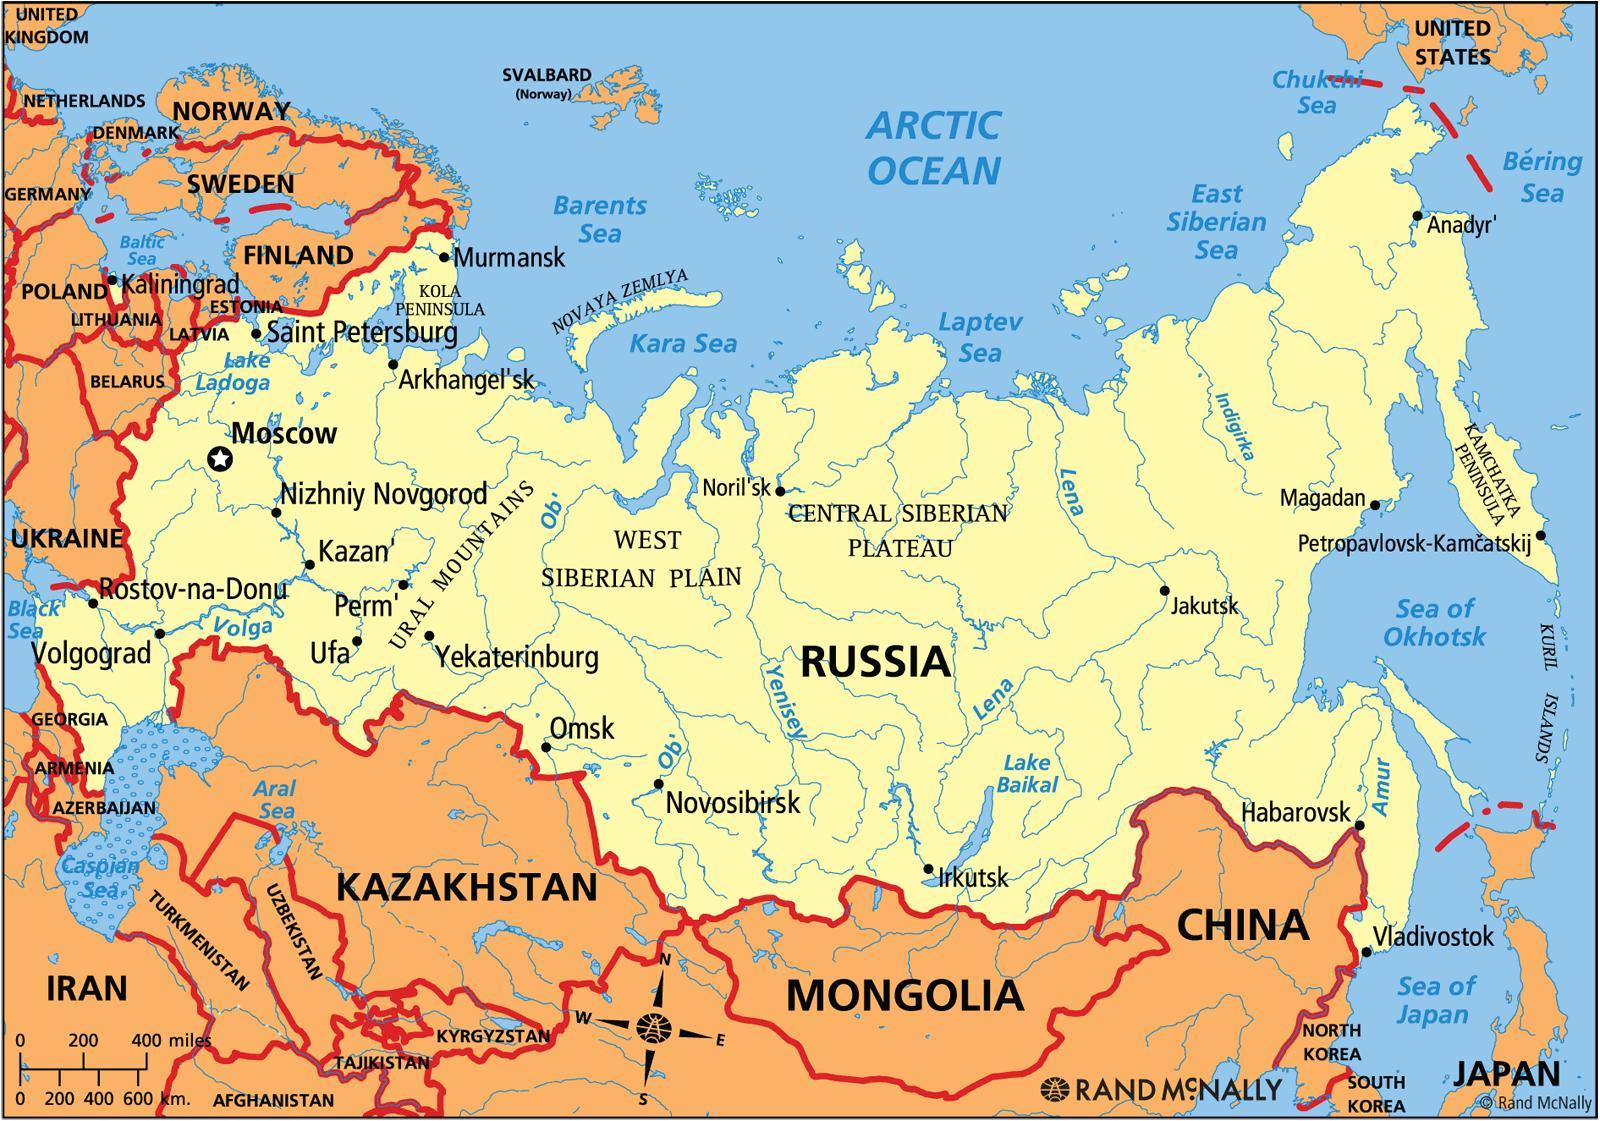 russland kart Russland skoler kart   Kart over Russland skoler (Øst Europa   Europa) russland kart